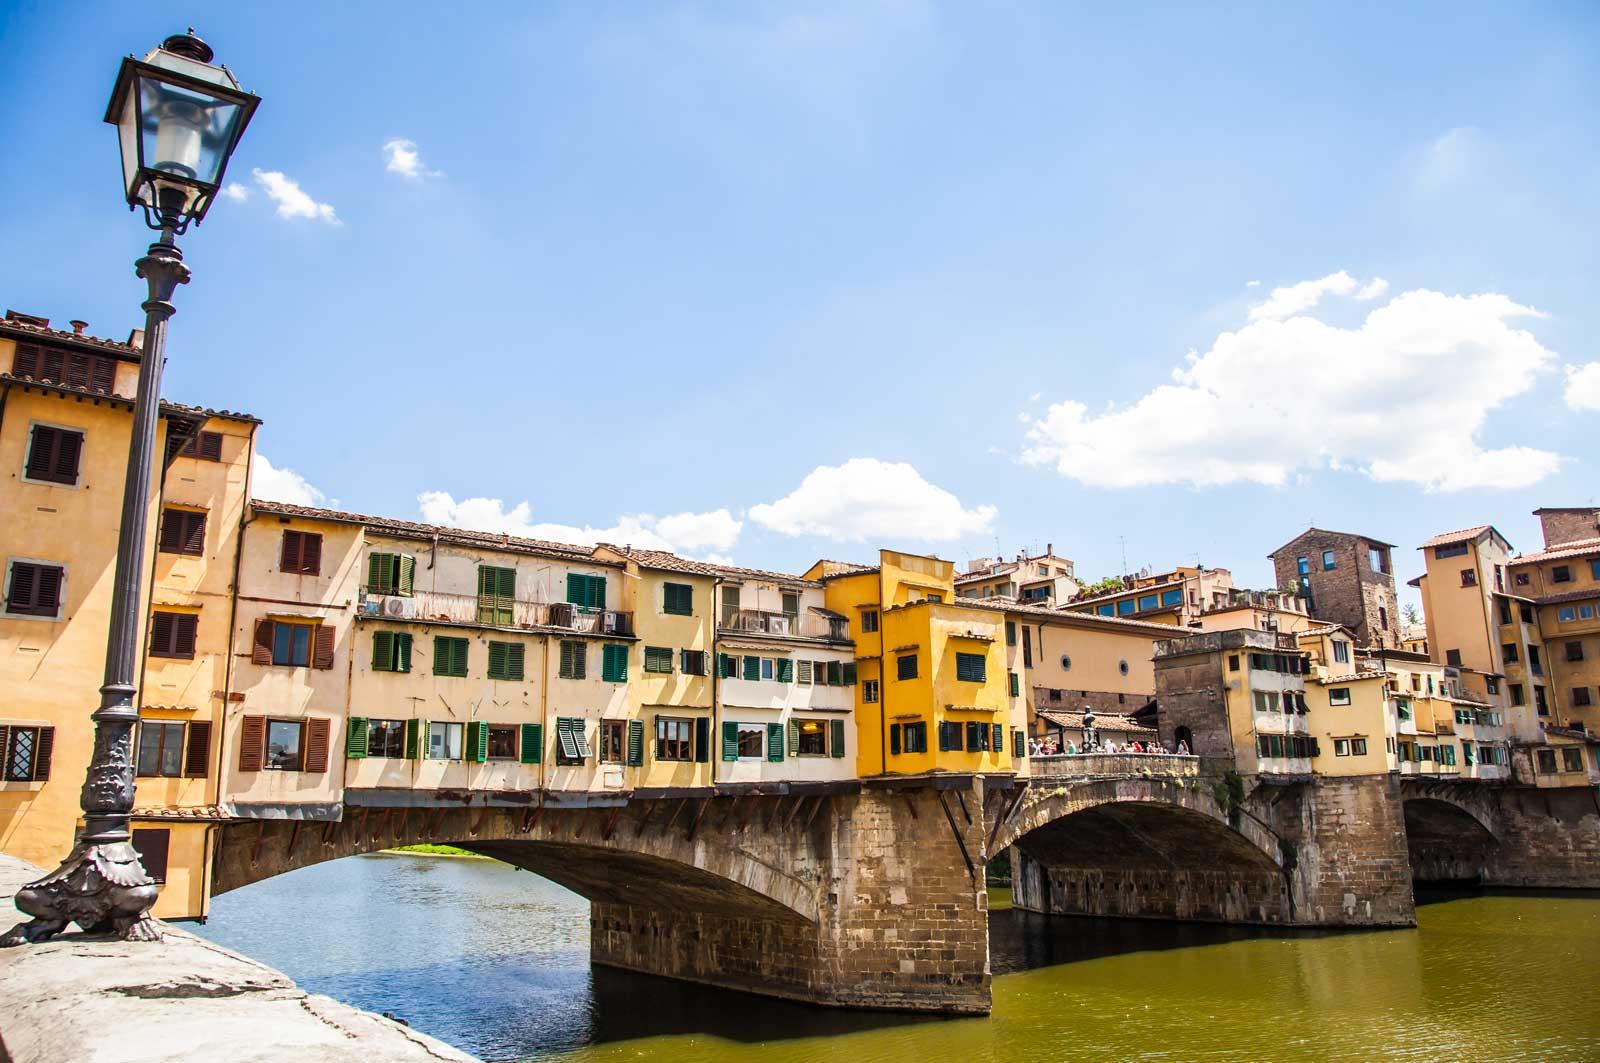 Hotel Bonifacio Firenze